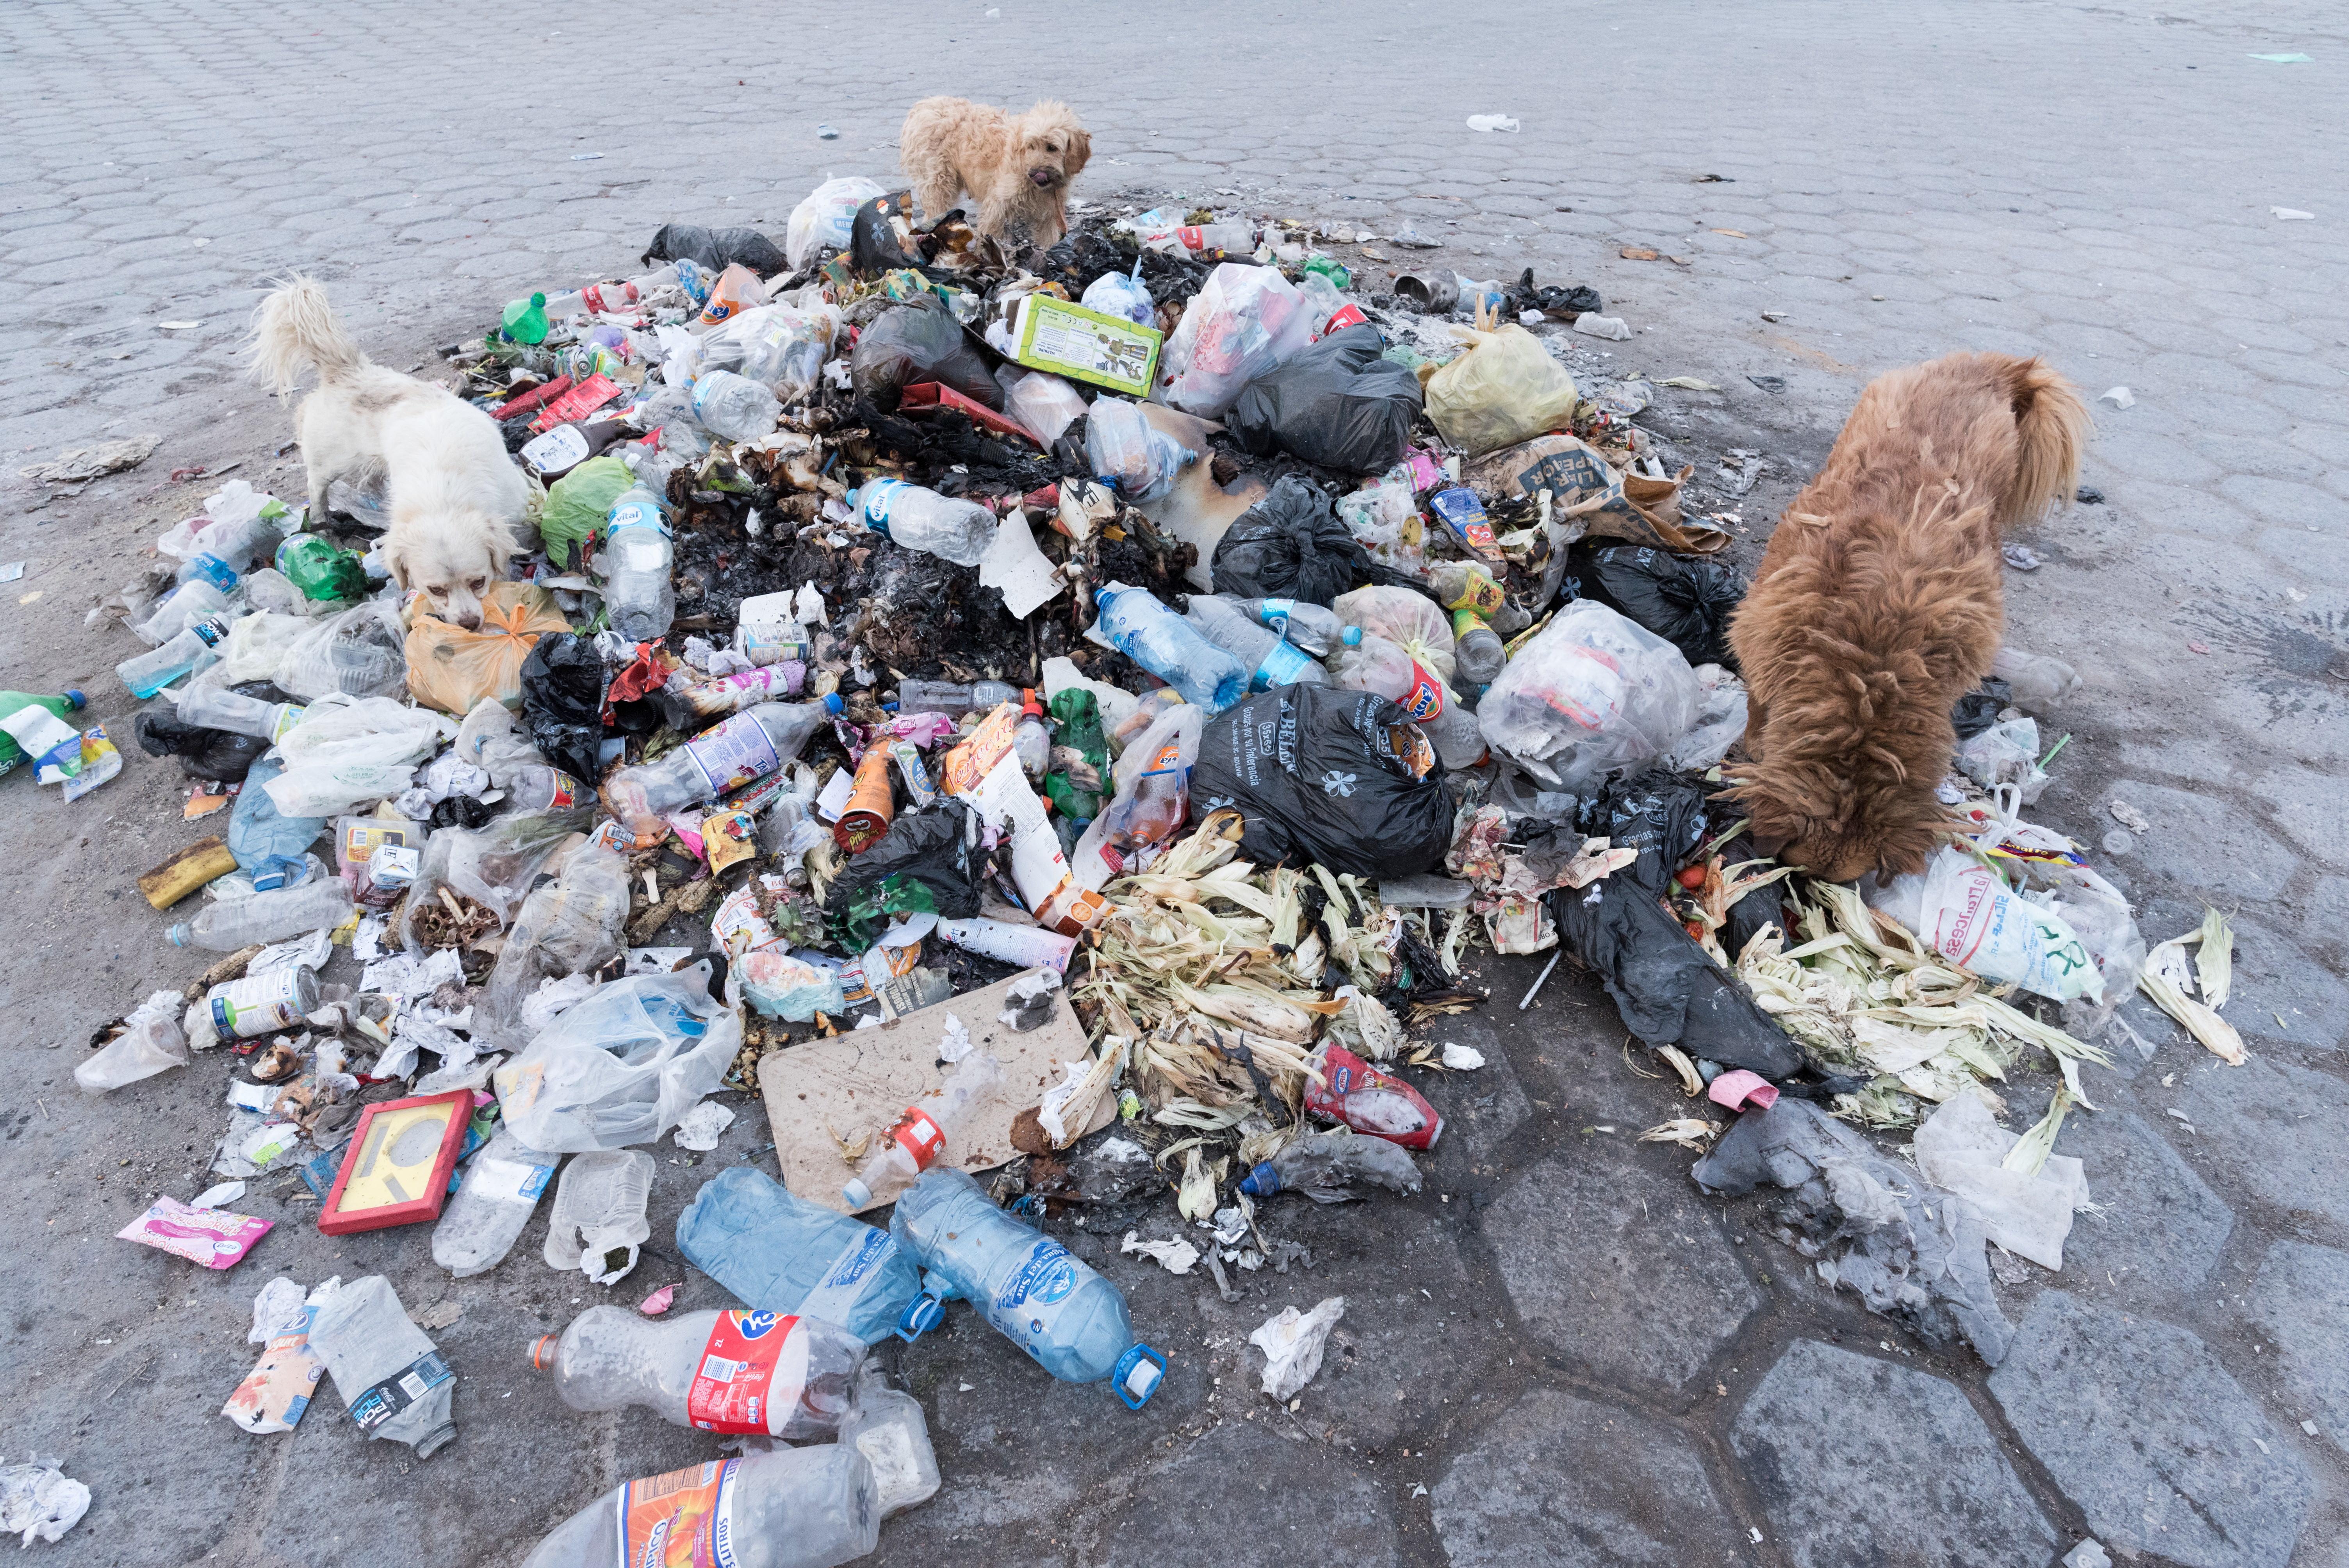 ゴミに群がる野良犬 | ぱくたそ-フリー素材